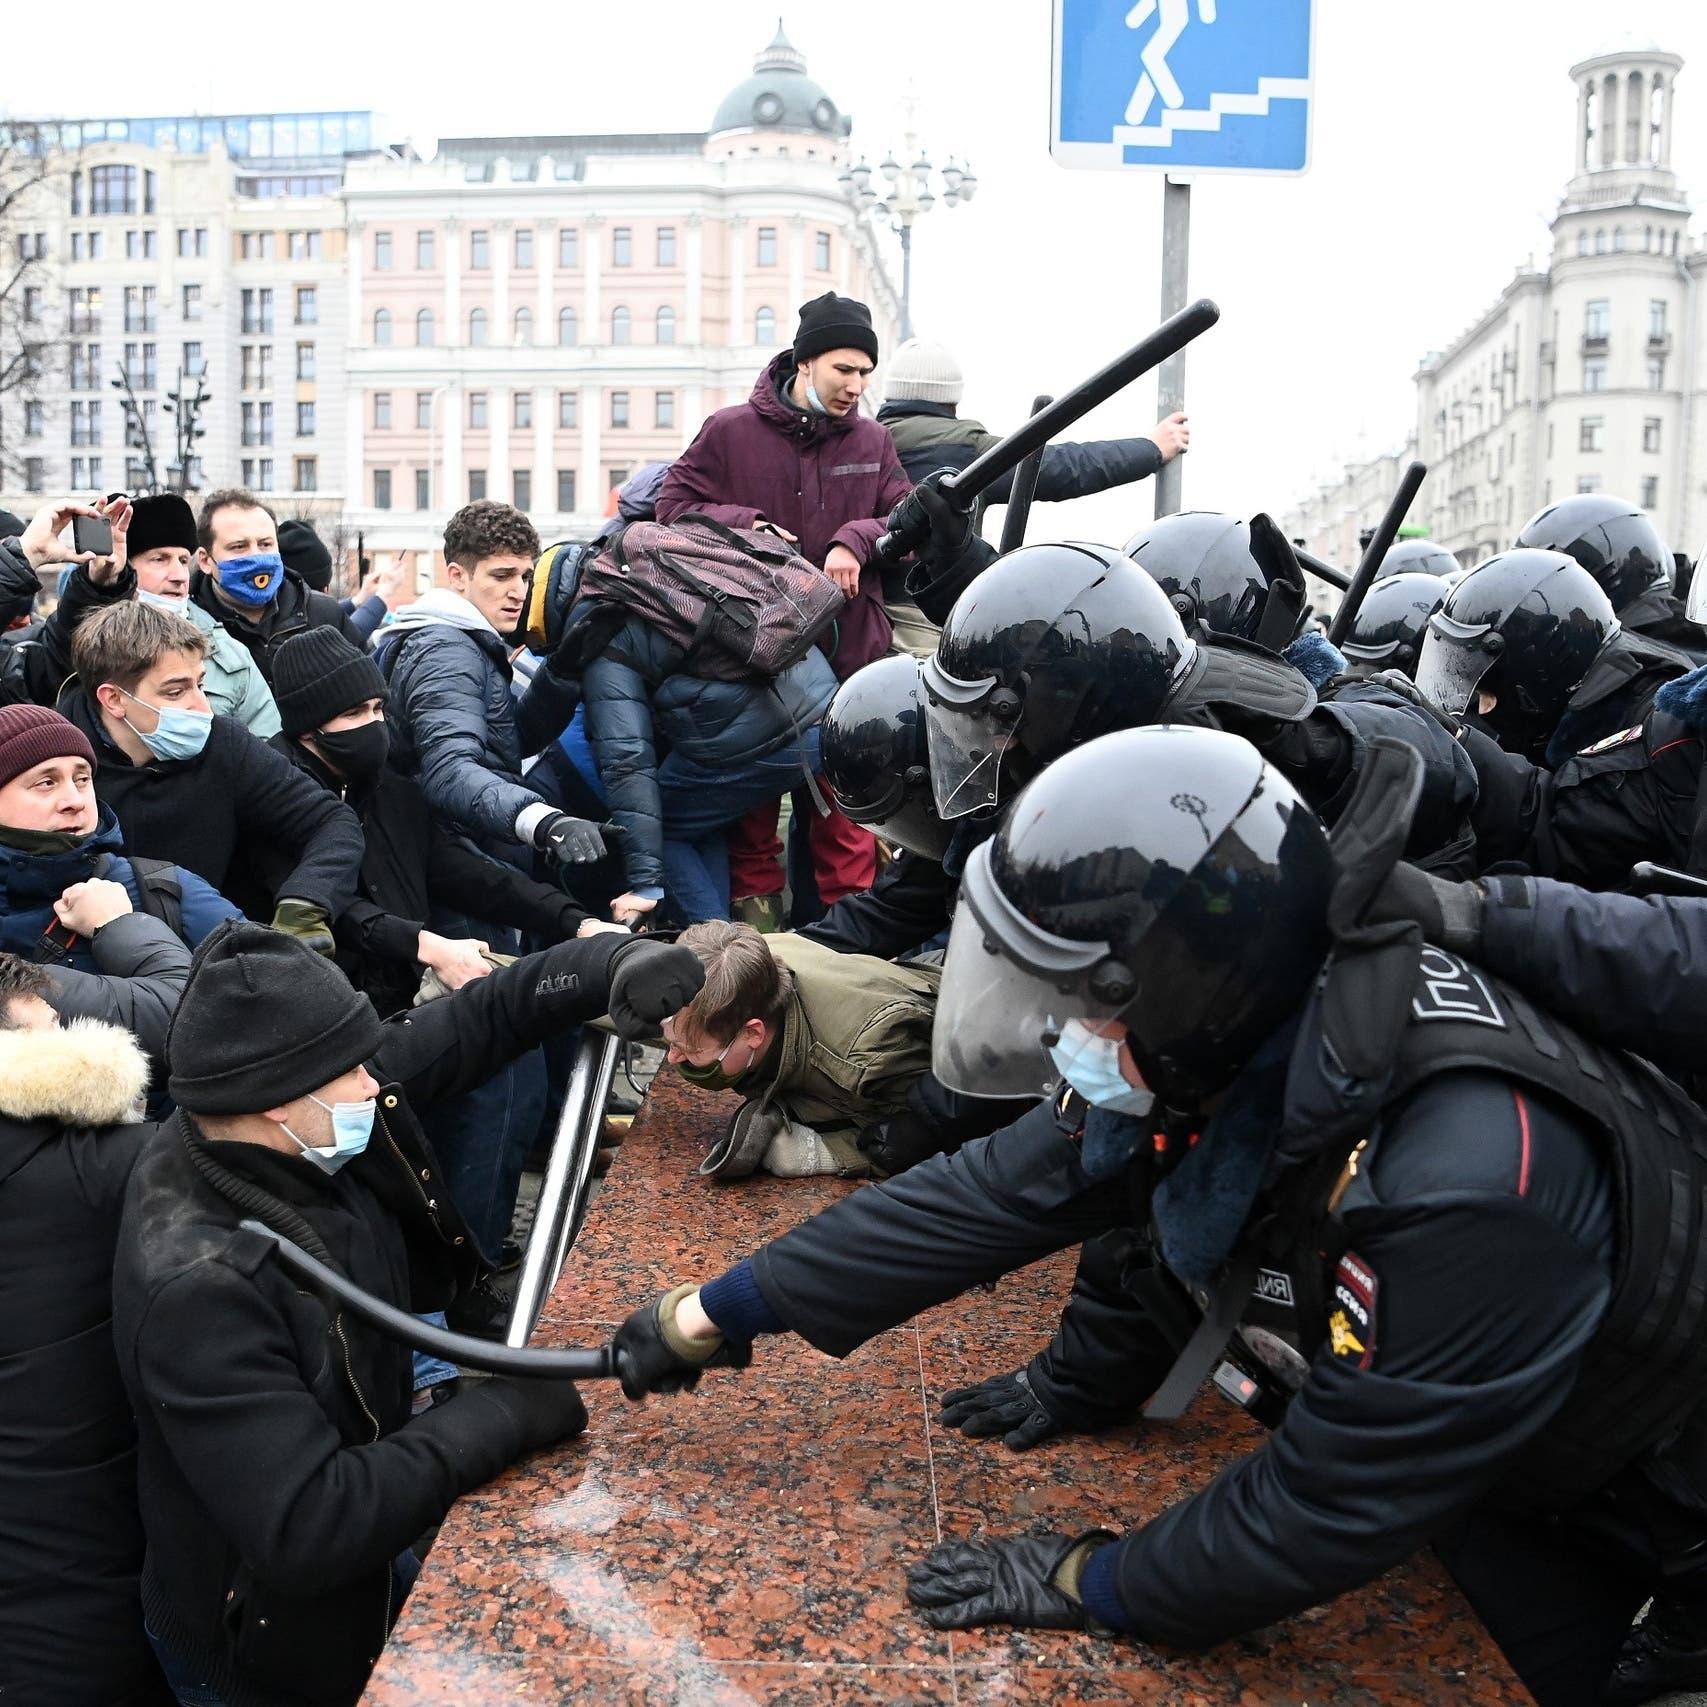 """روسيا تحتج على """"دعم"""" سفارة أميركا لاحتجاجات """"غير مشروعة"""""""